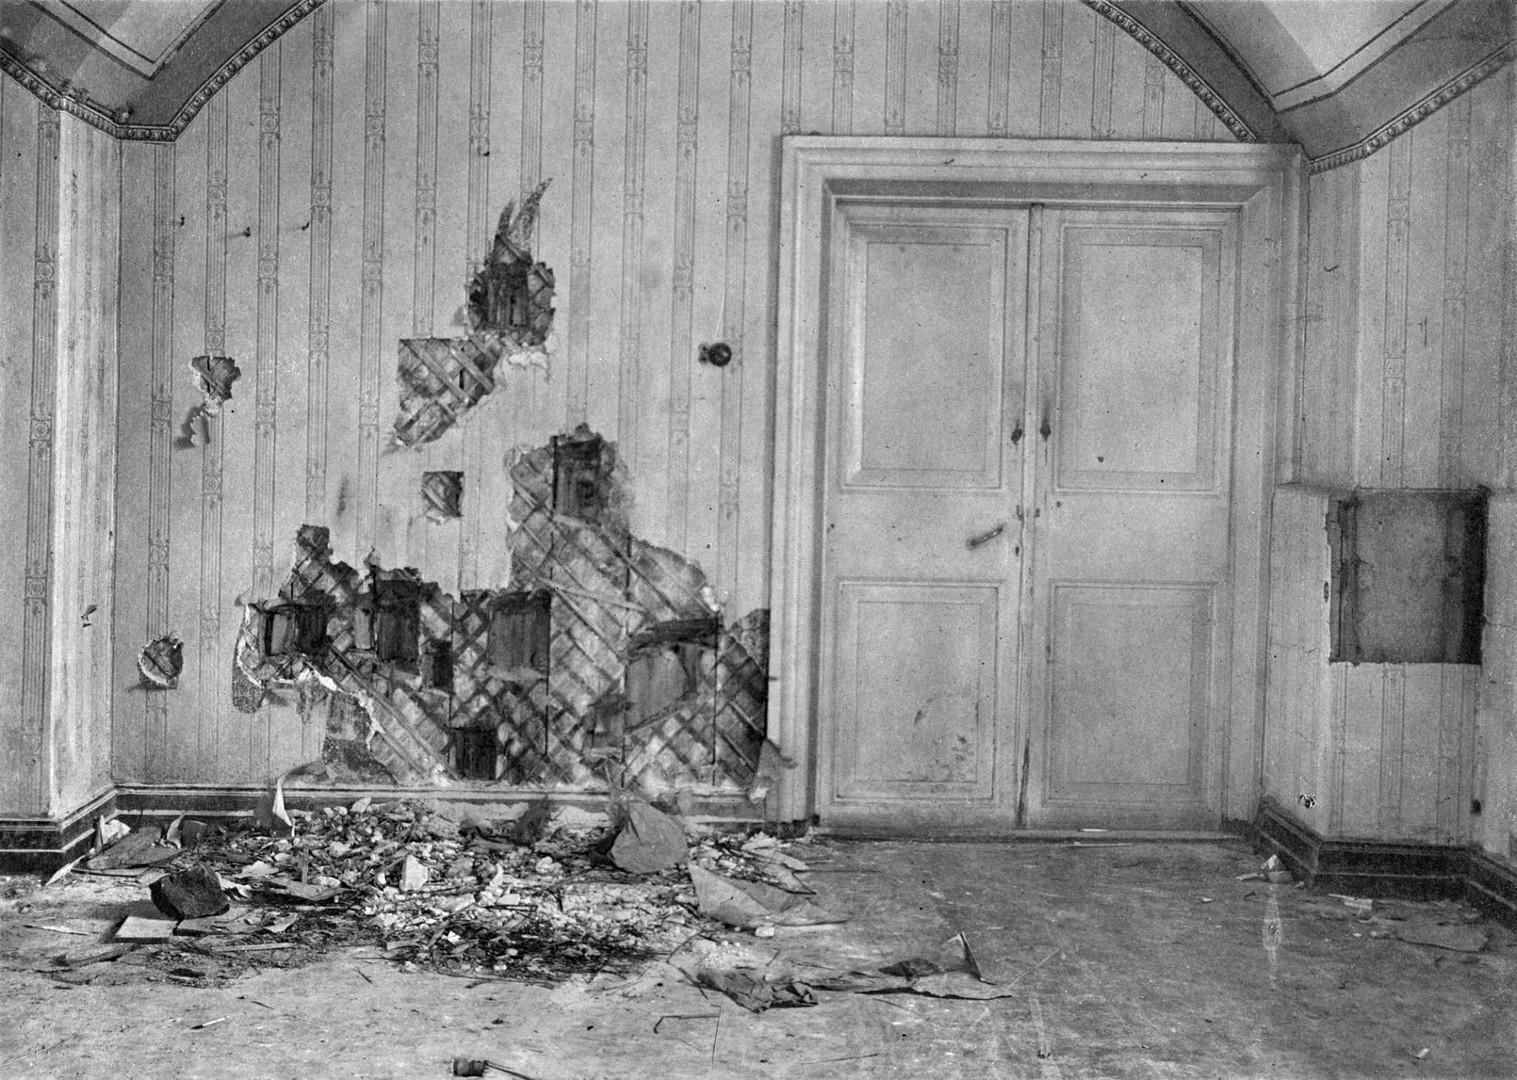 Mesto streljanja v Ipatjevi hiši, kjer je bila carska družina brutalno umorjena. 1918.